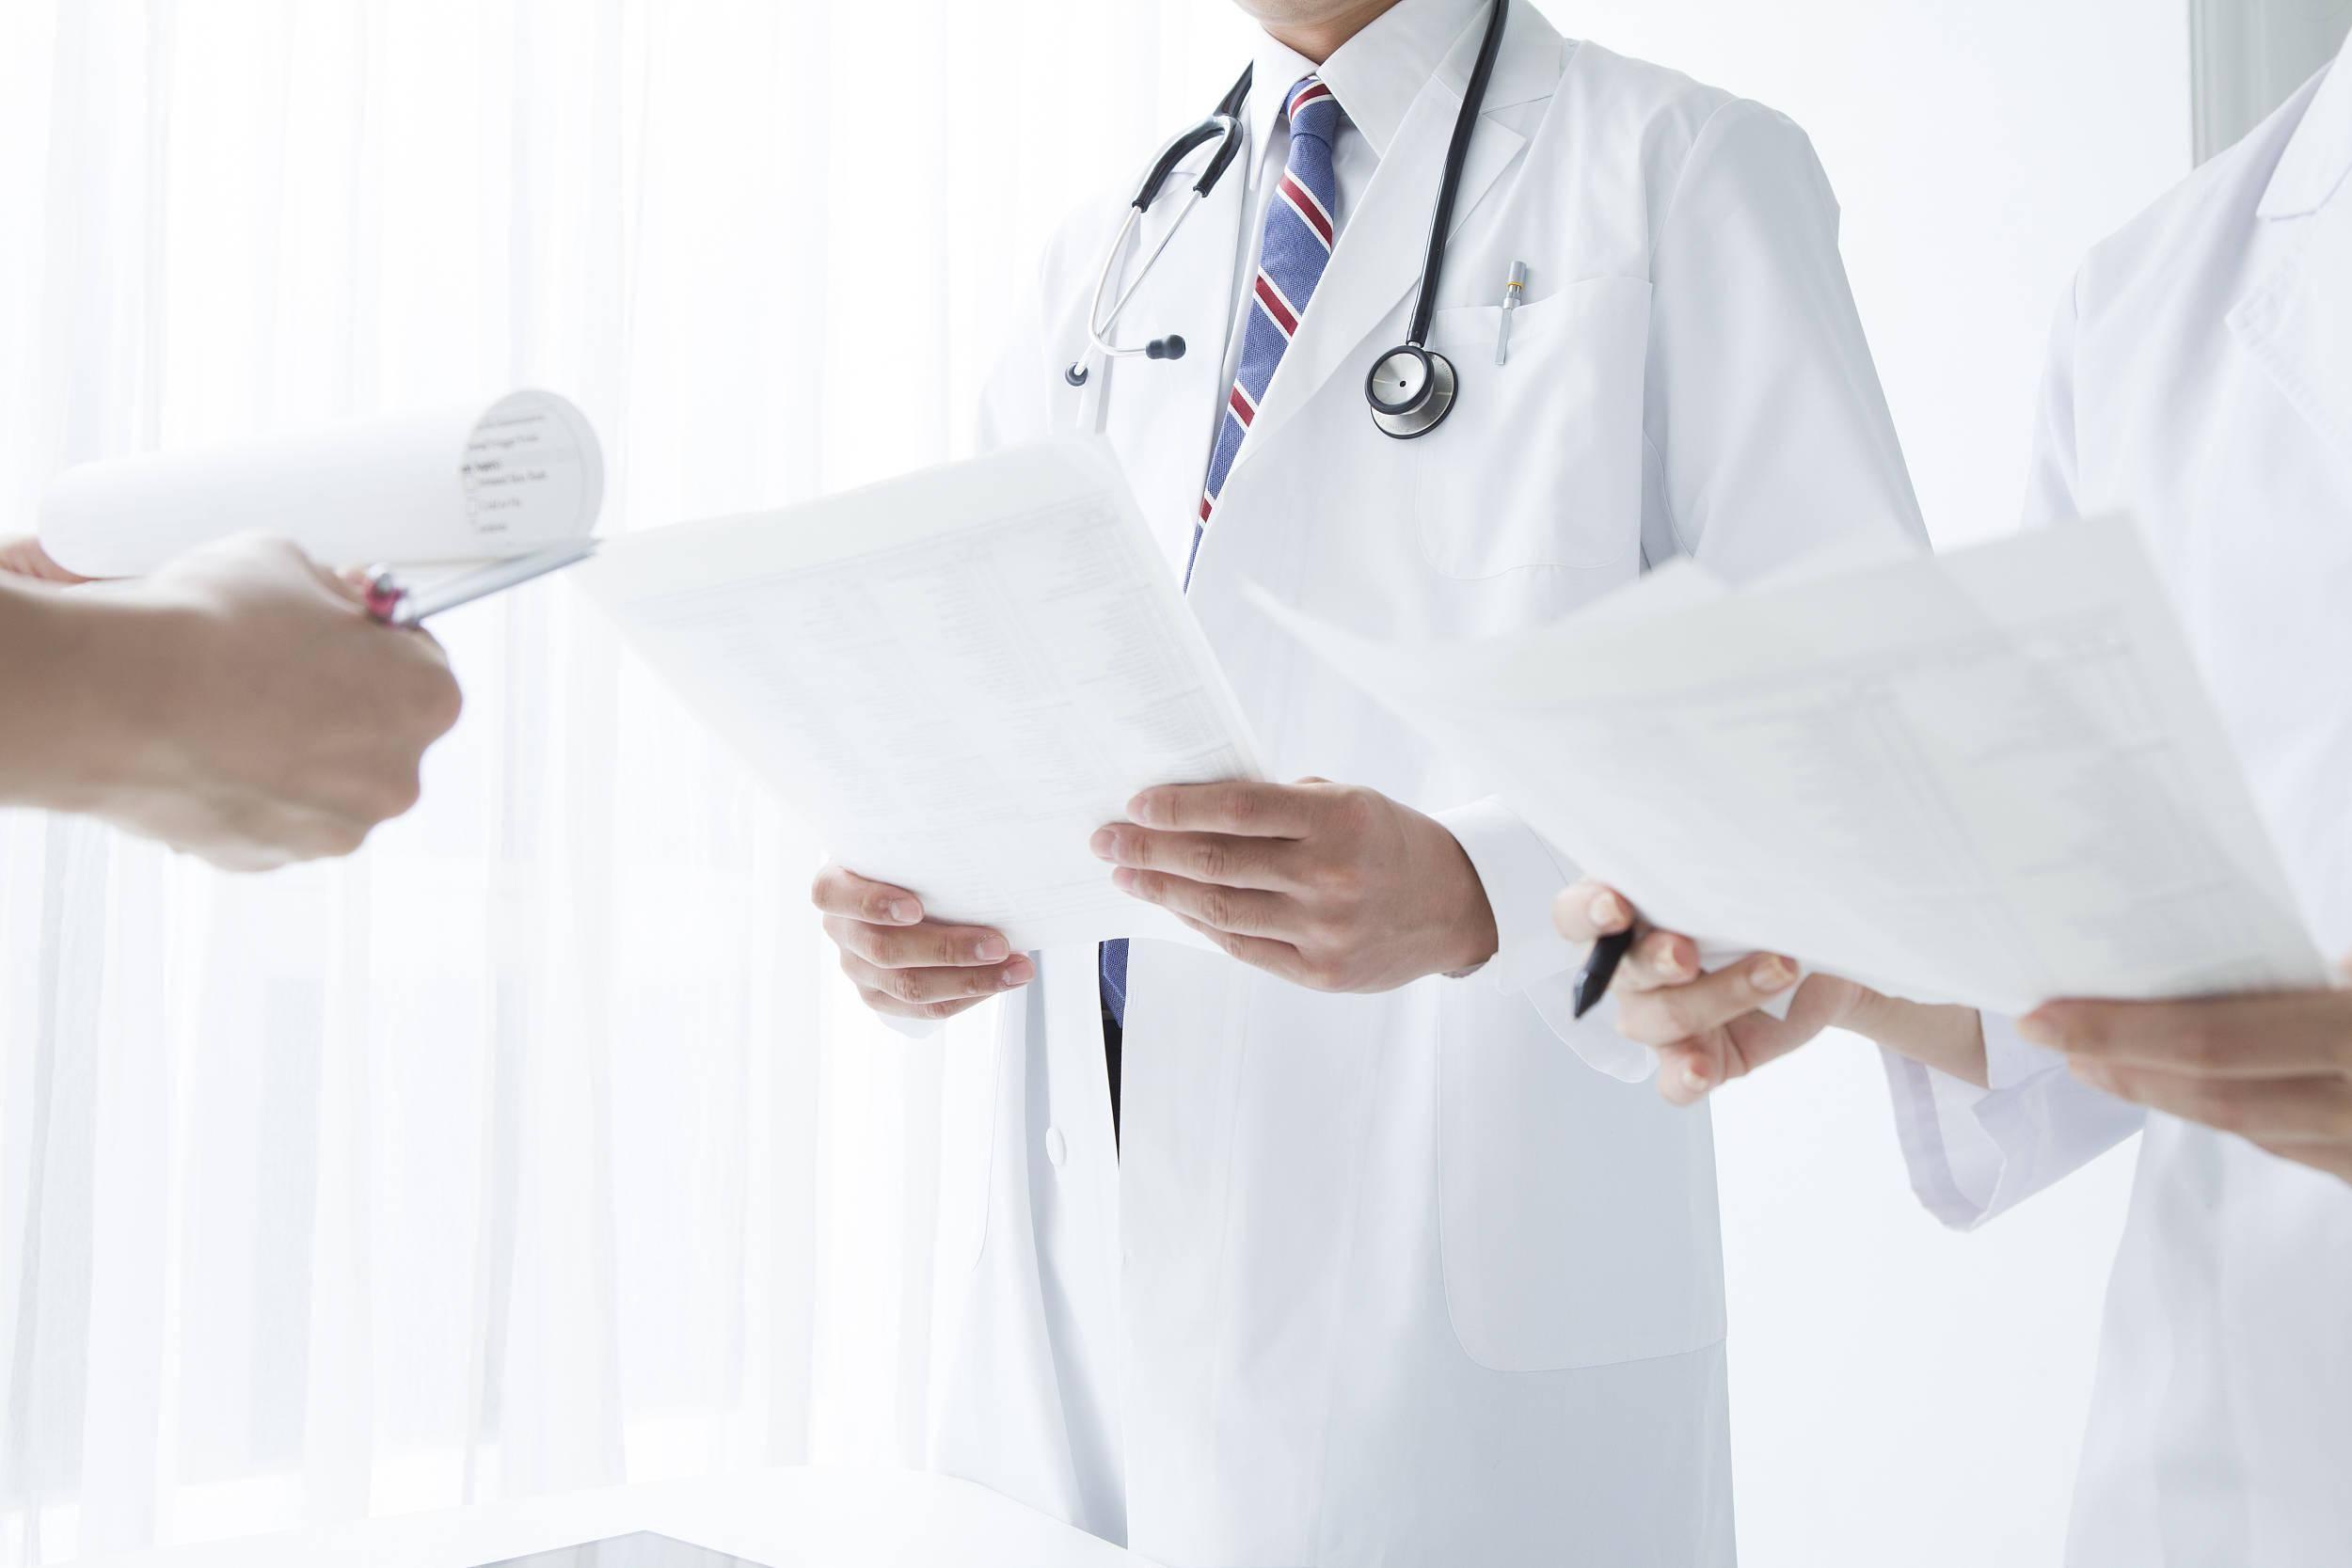 上海医疗卫生领域的代表成员:做人民的好医生,为人民提供更好、更高效的卫生服务